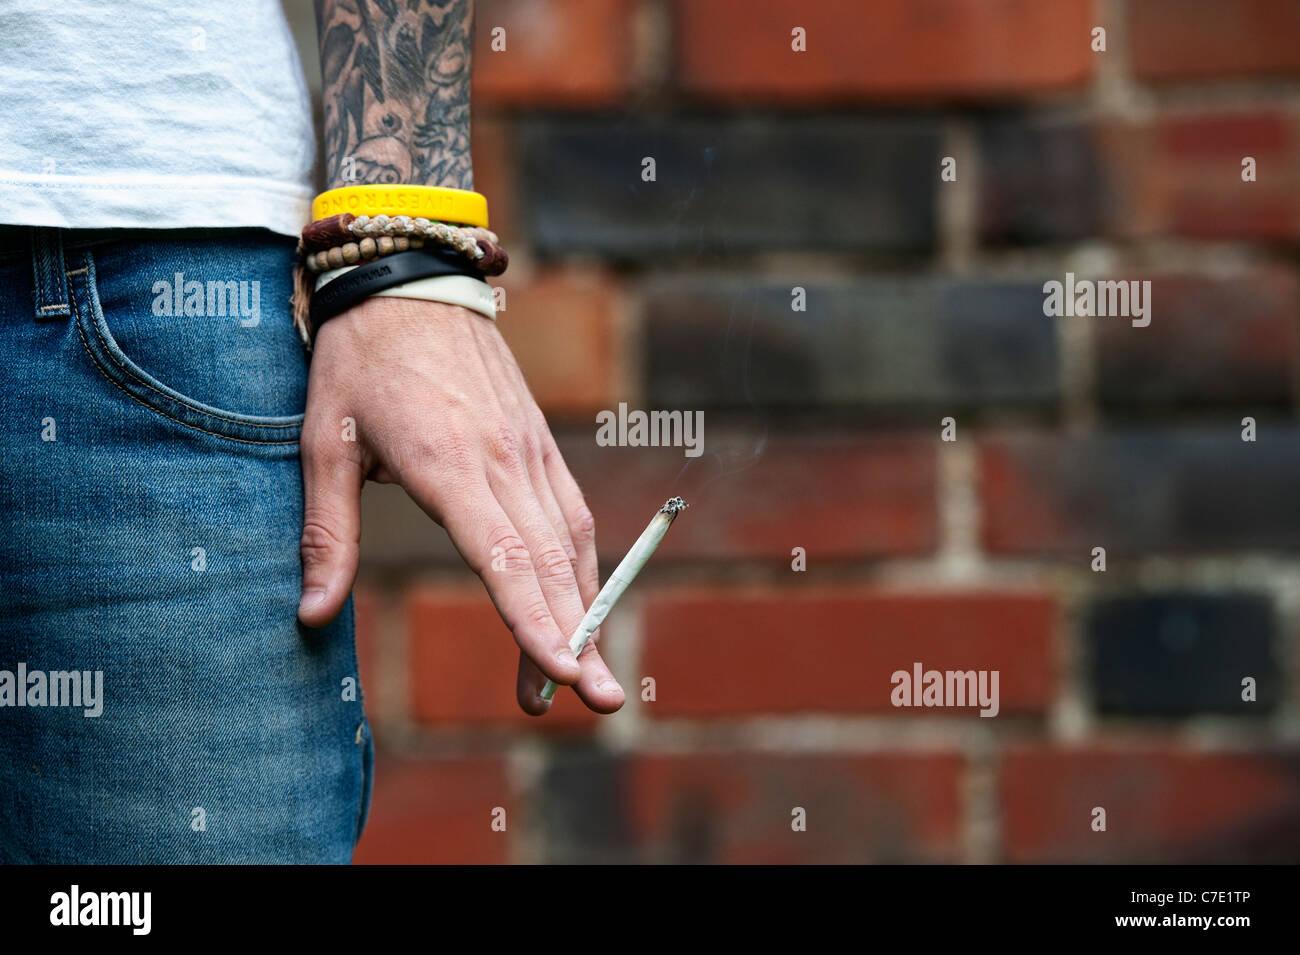 L'adolescent tatoué tenant un joint de cannabis Banque D'Images